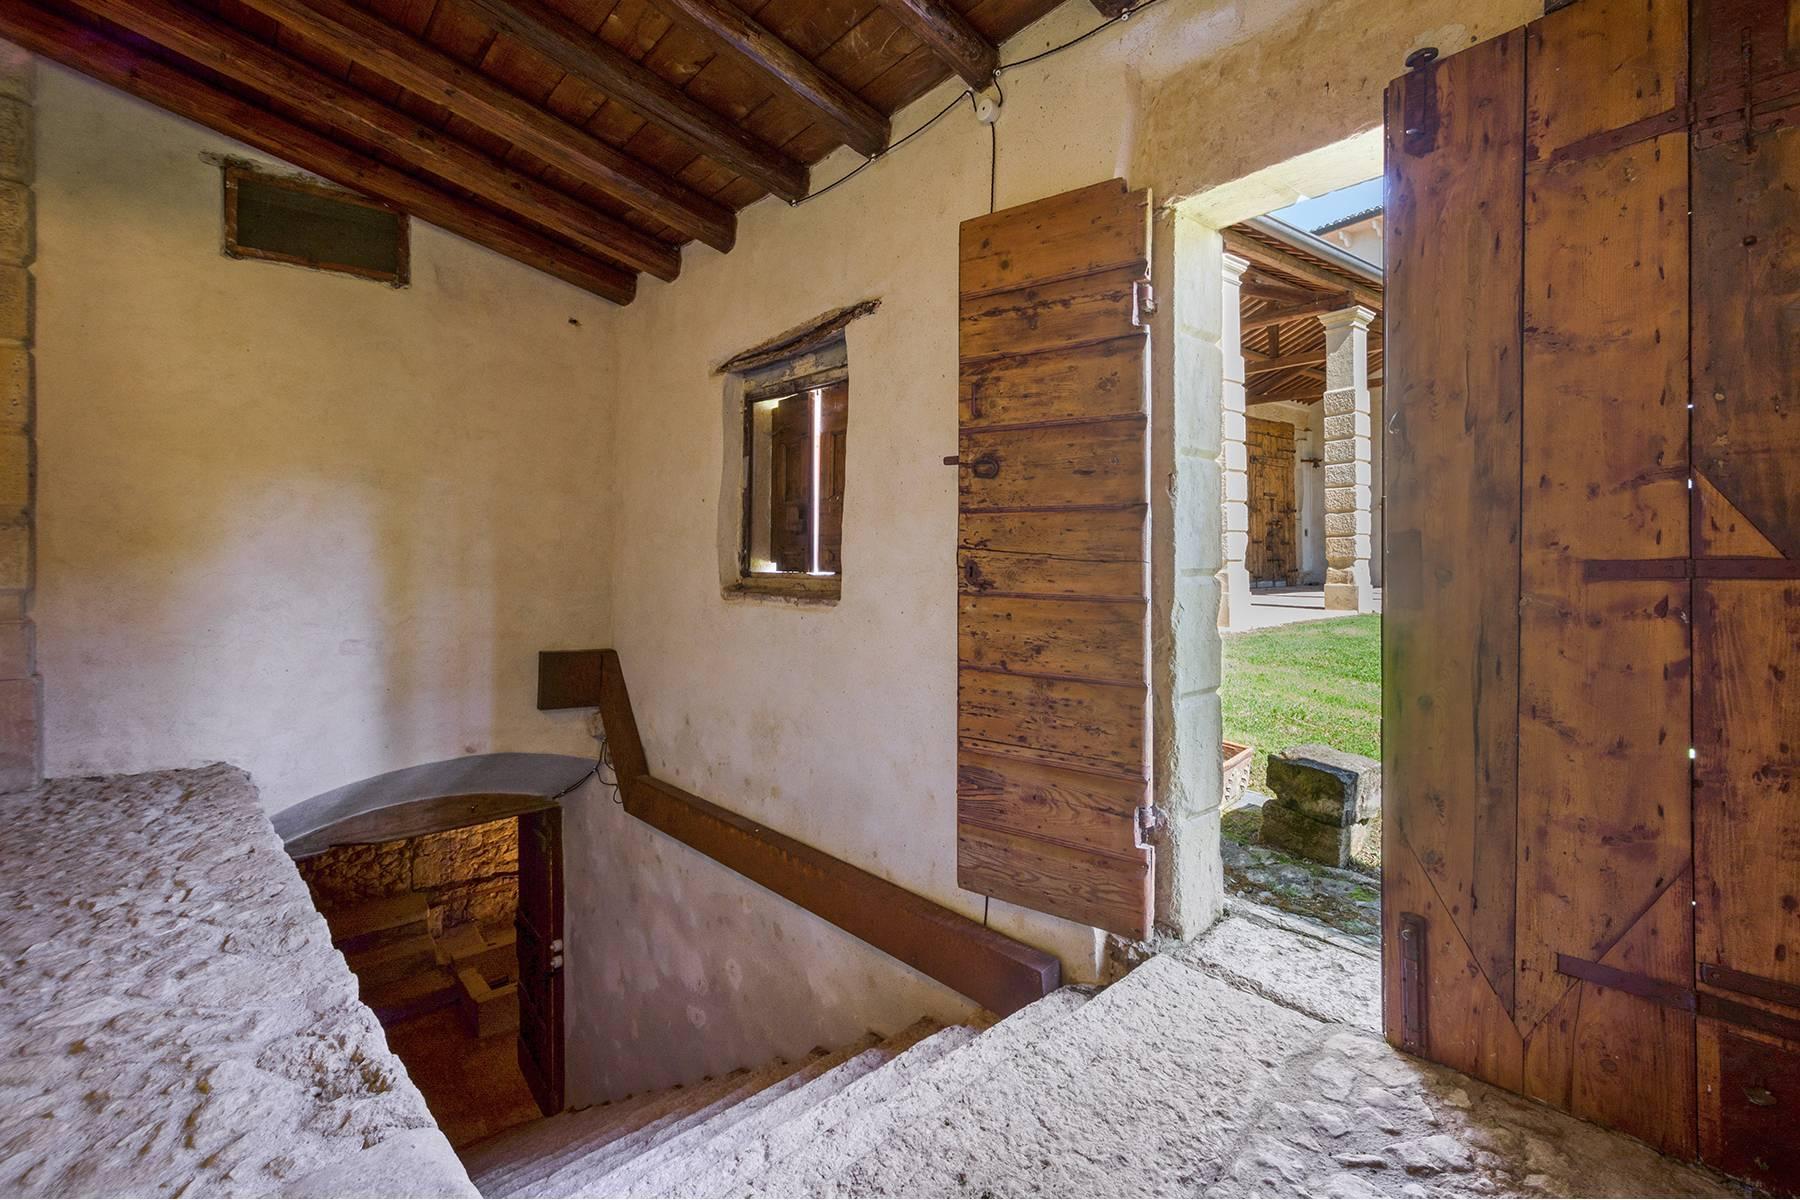 Historische Villa mit Park und prächtigem alten Keller, umgeben von Weinbergen - 35